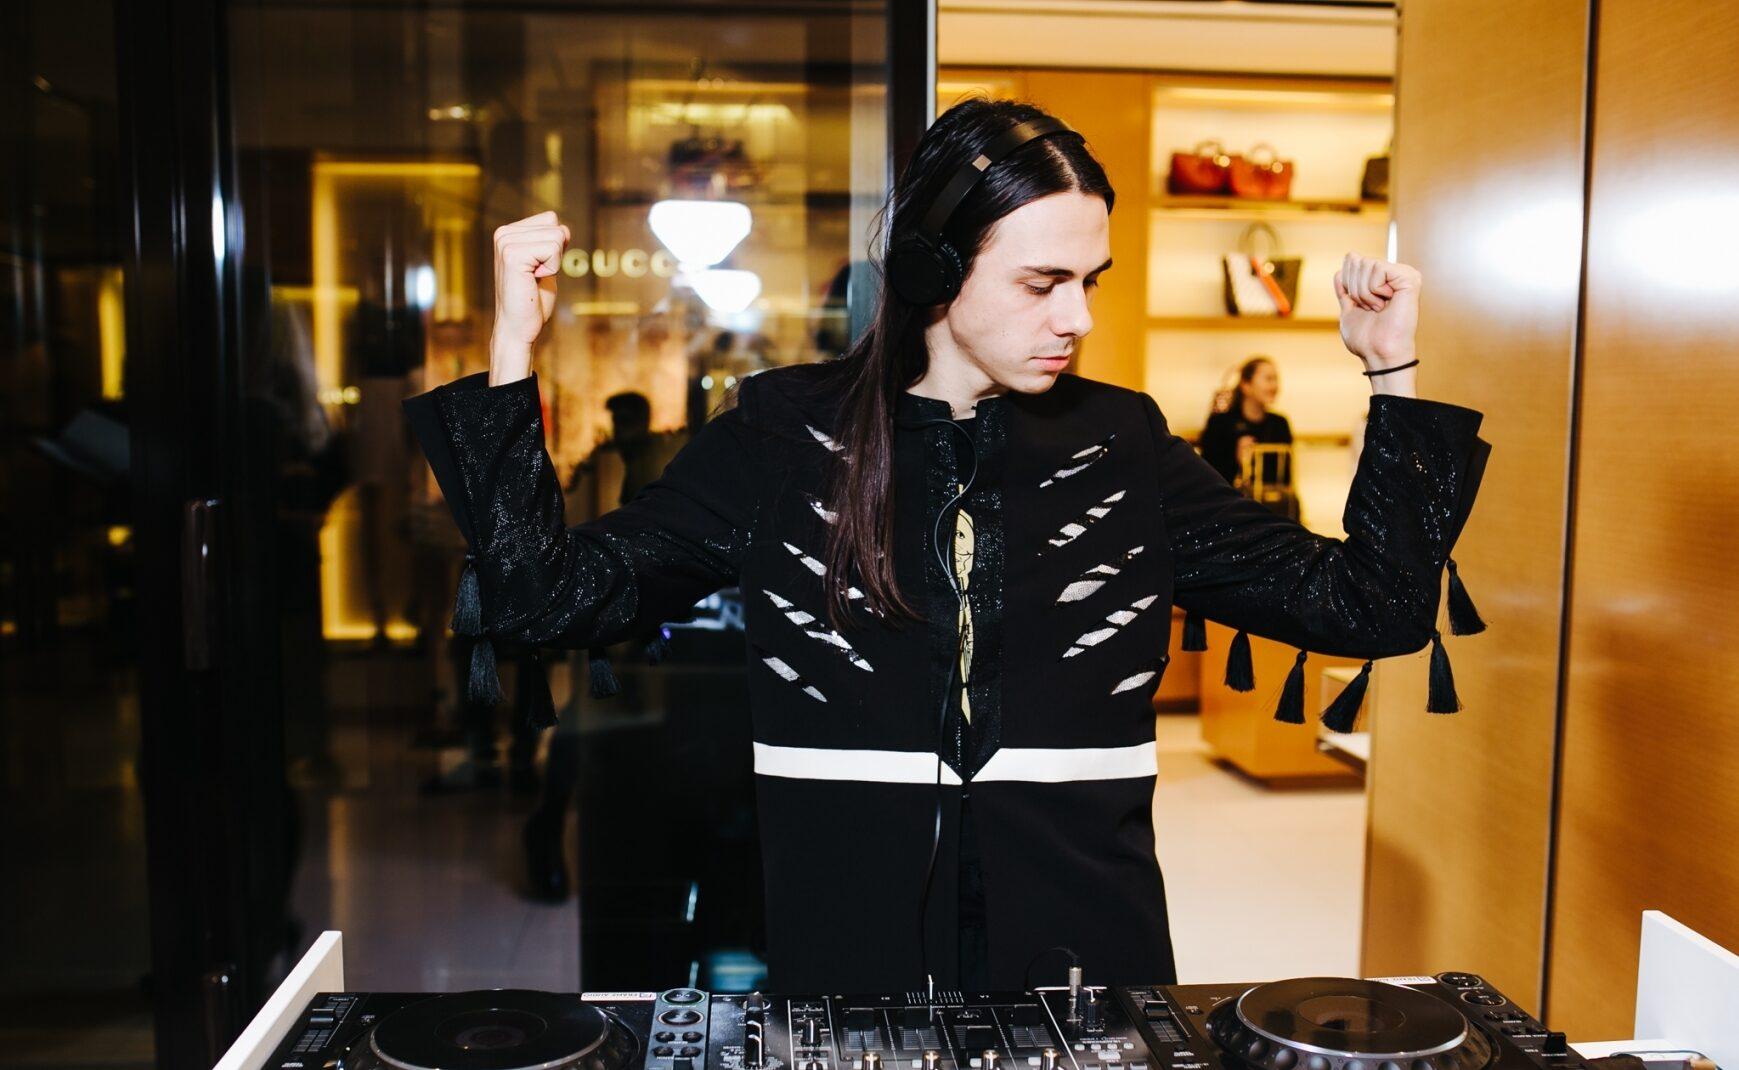 foto Жан Грицфельдт за dj пультом на вечеринке в честь 10-летия Louis Vuitton в Украине